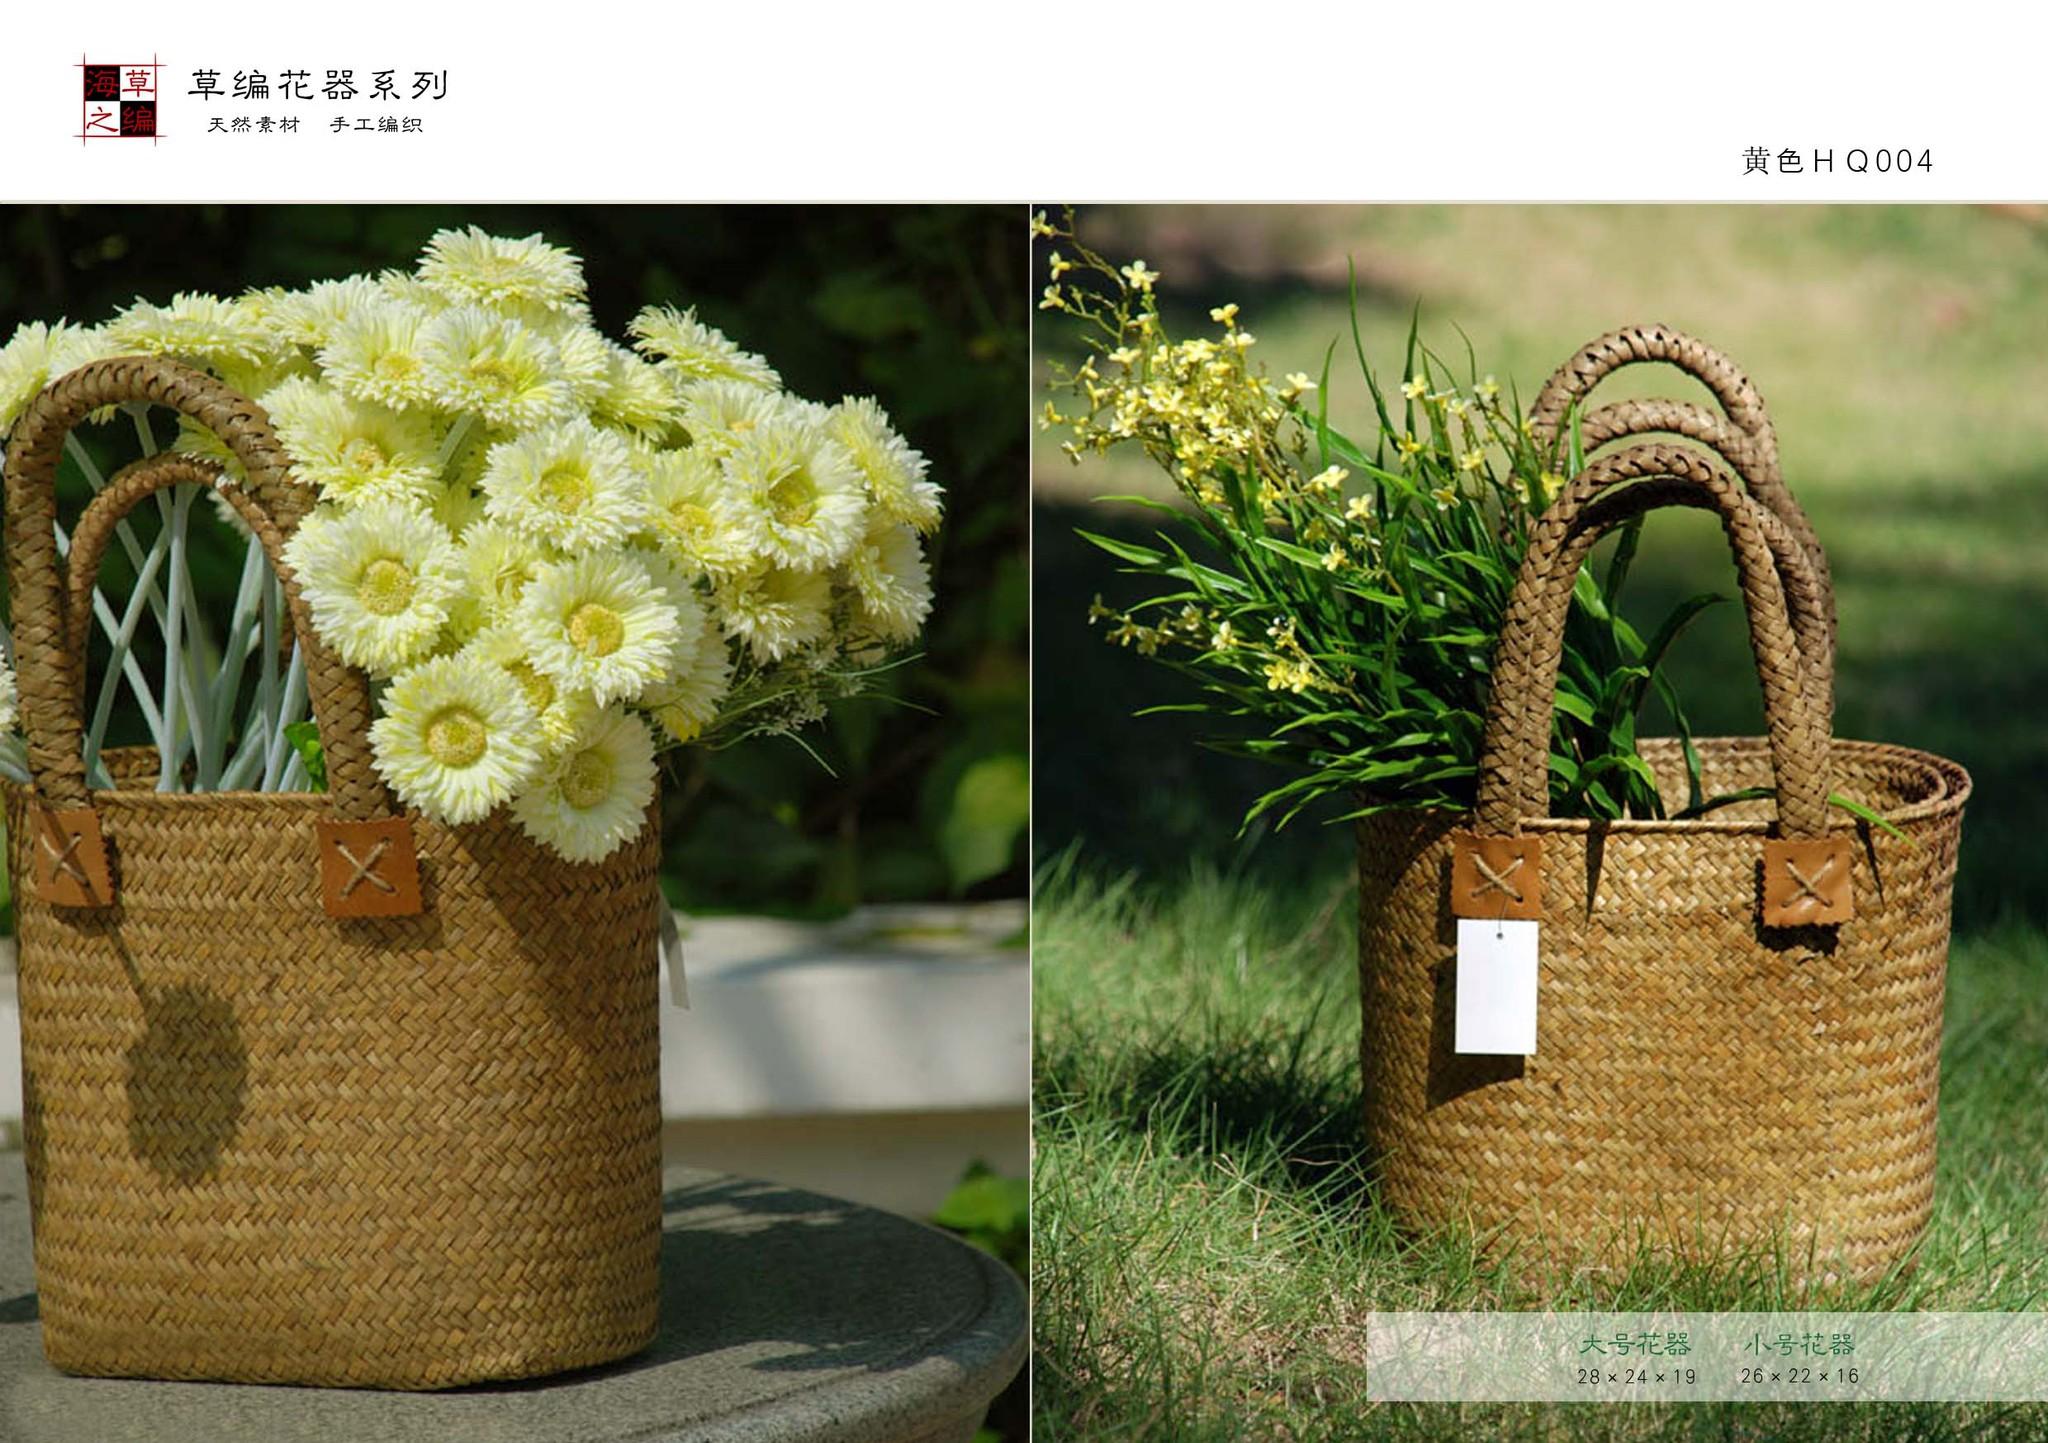 Цветы для оформление интерьера - купить в интернет-магазине 2